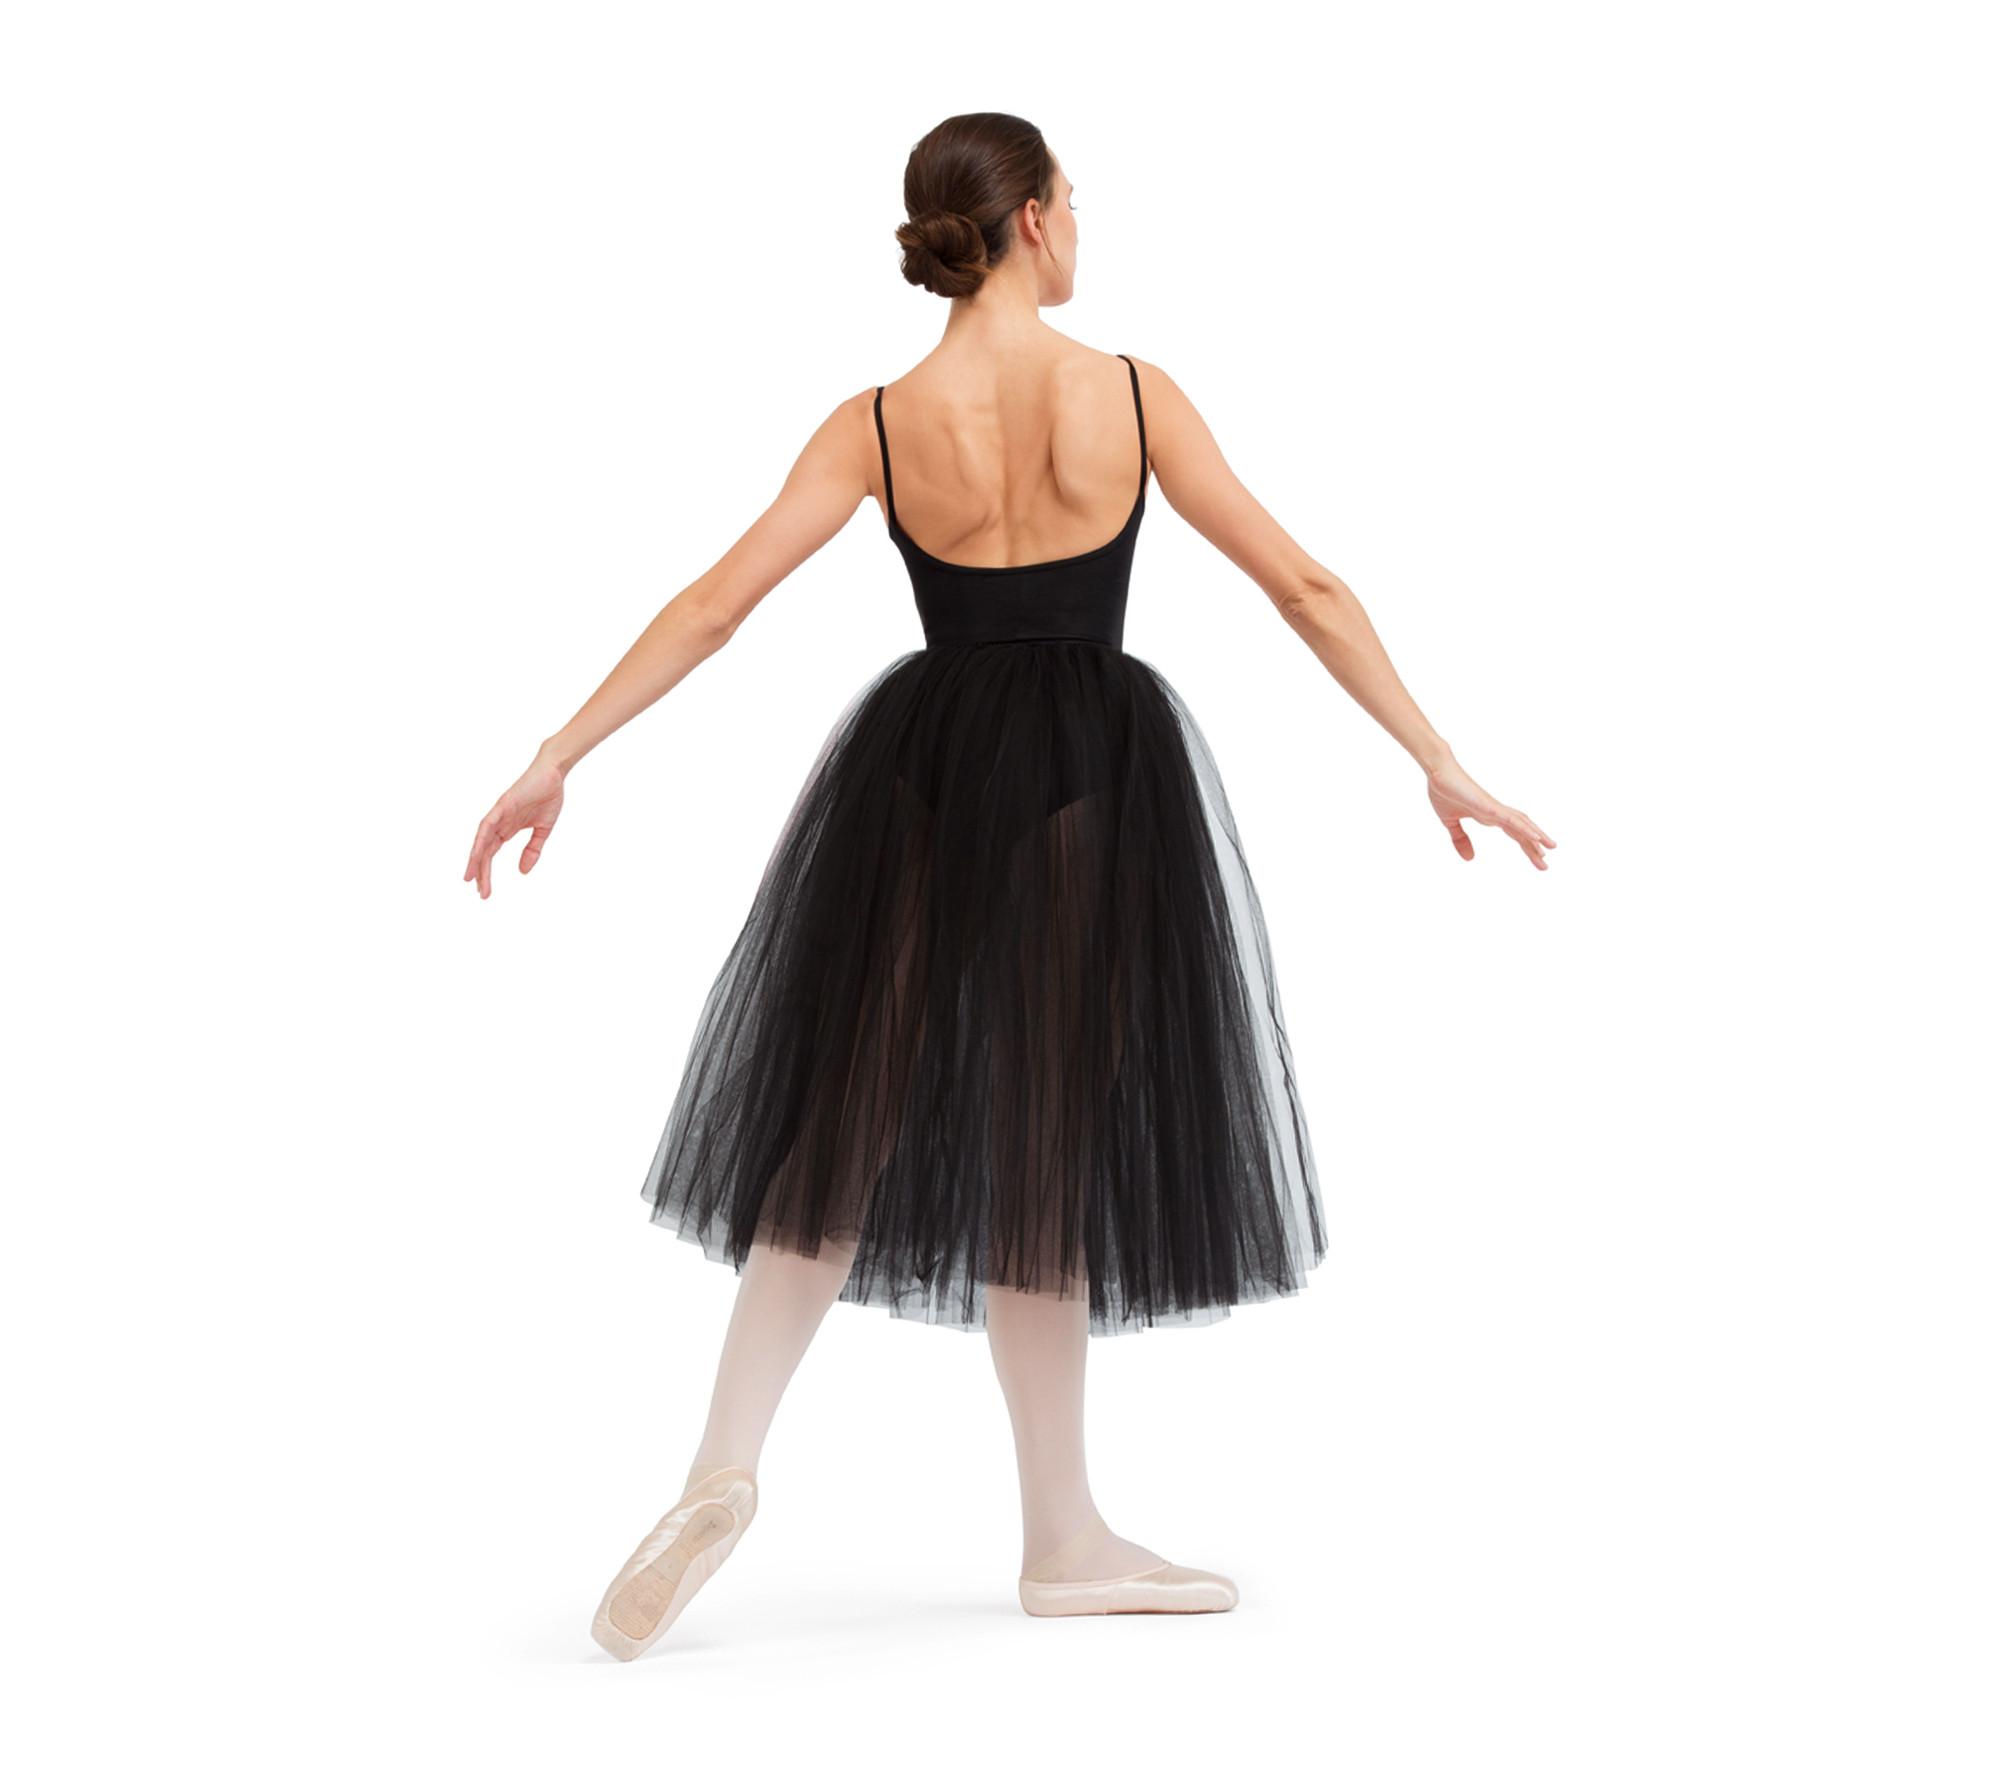 Rehearsal tulle skirt